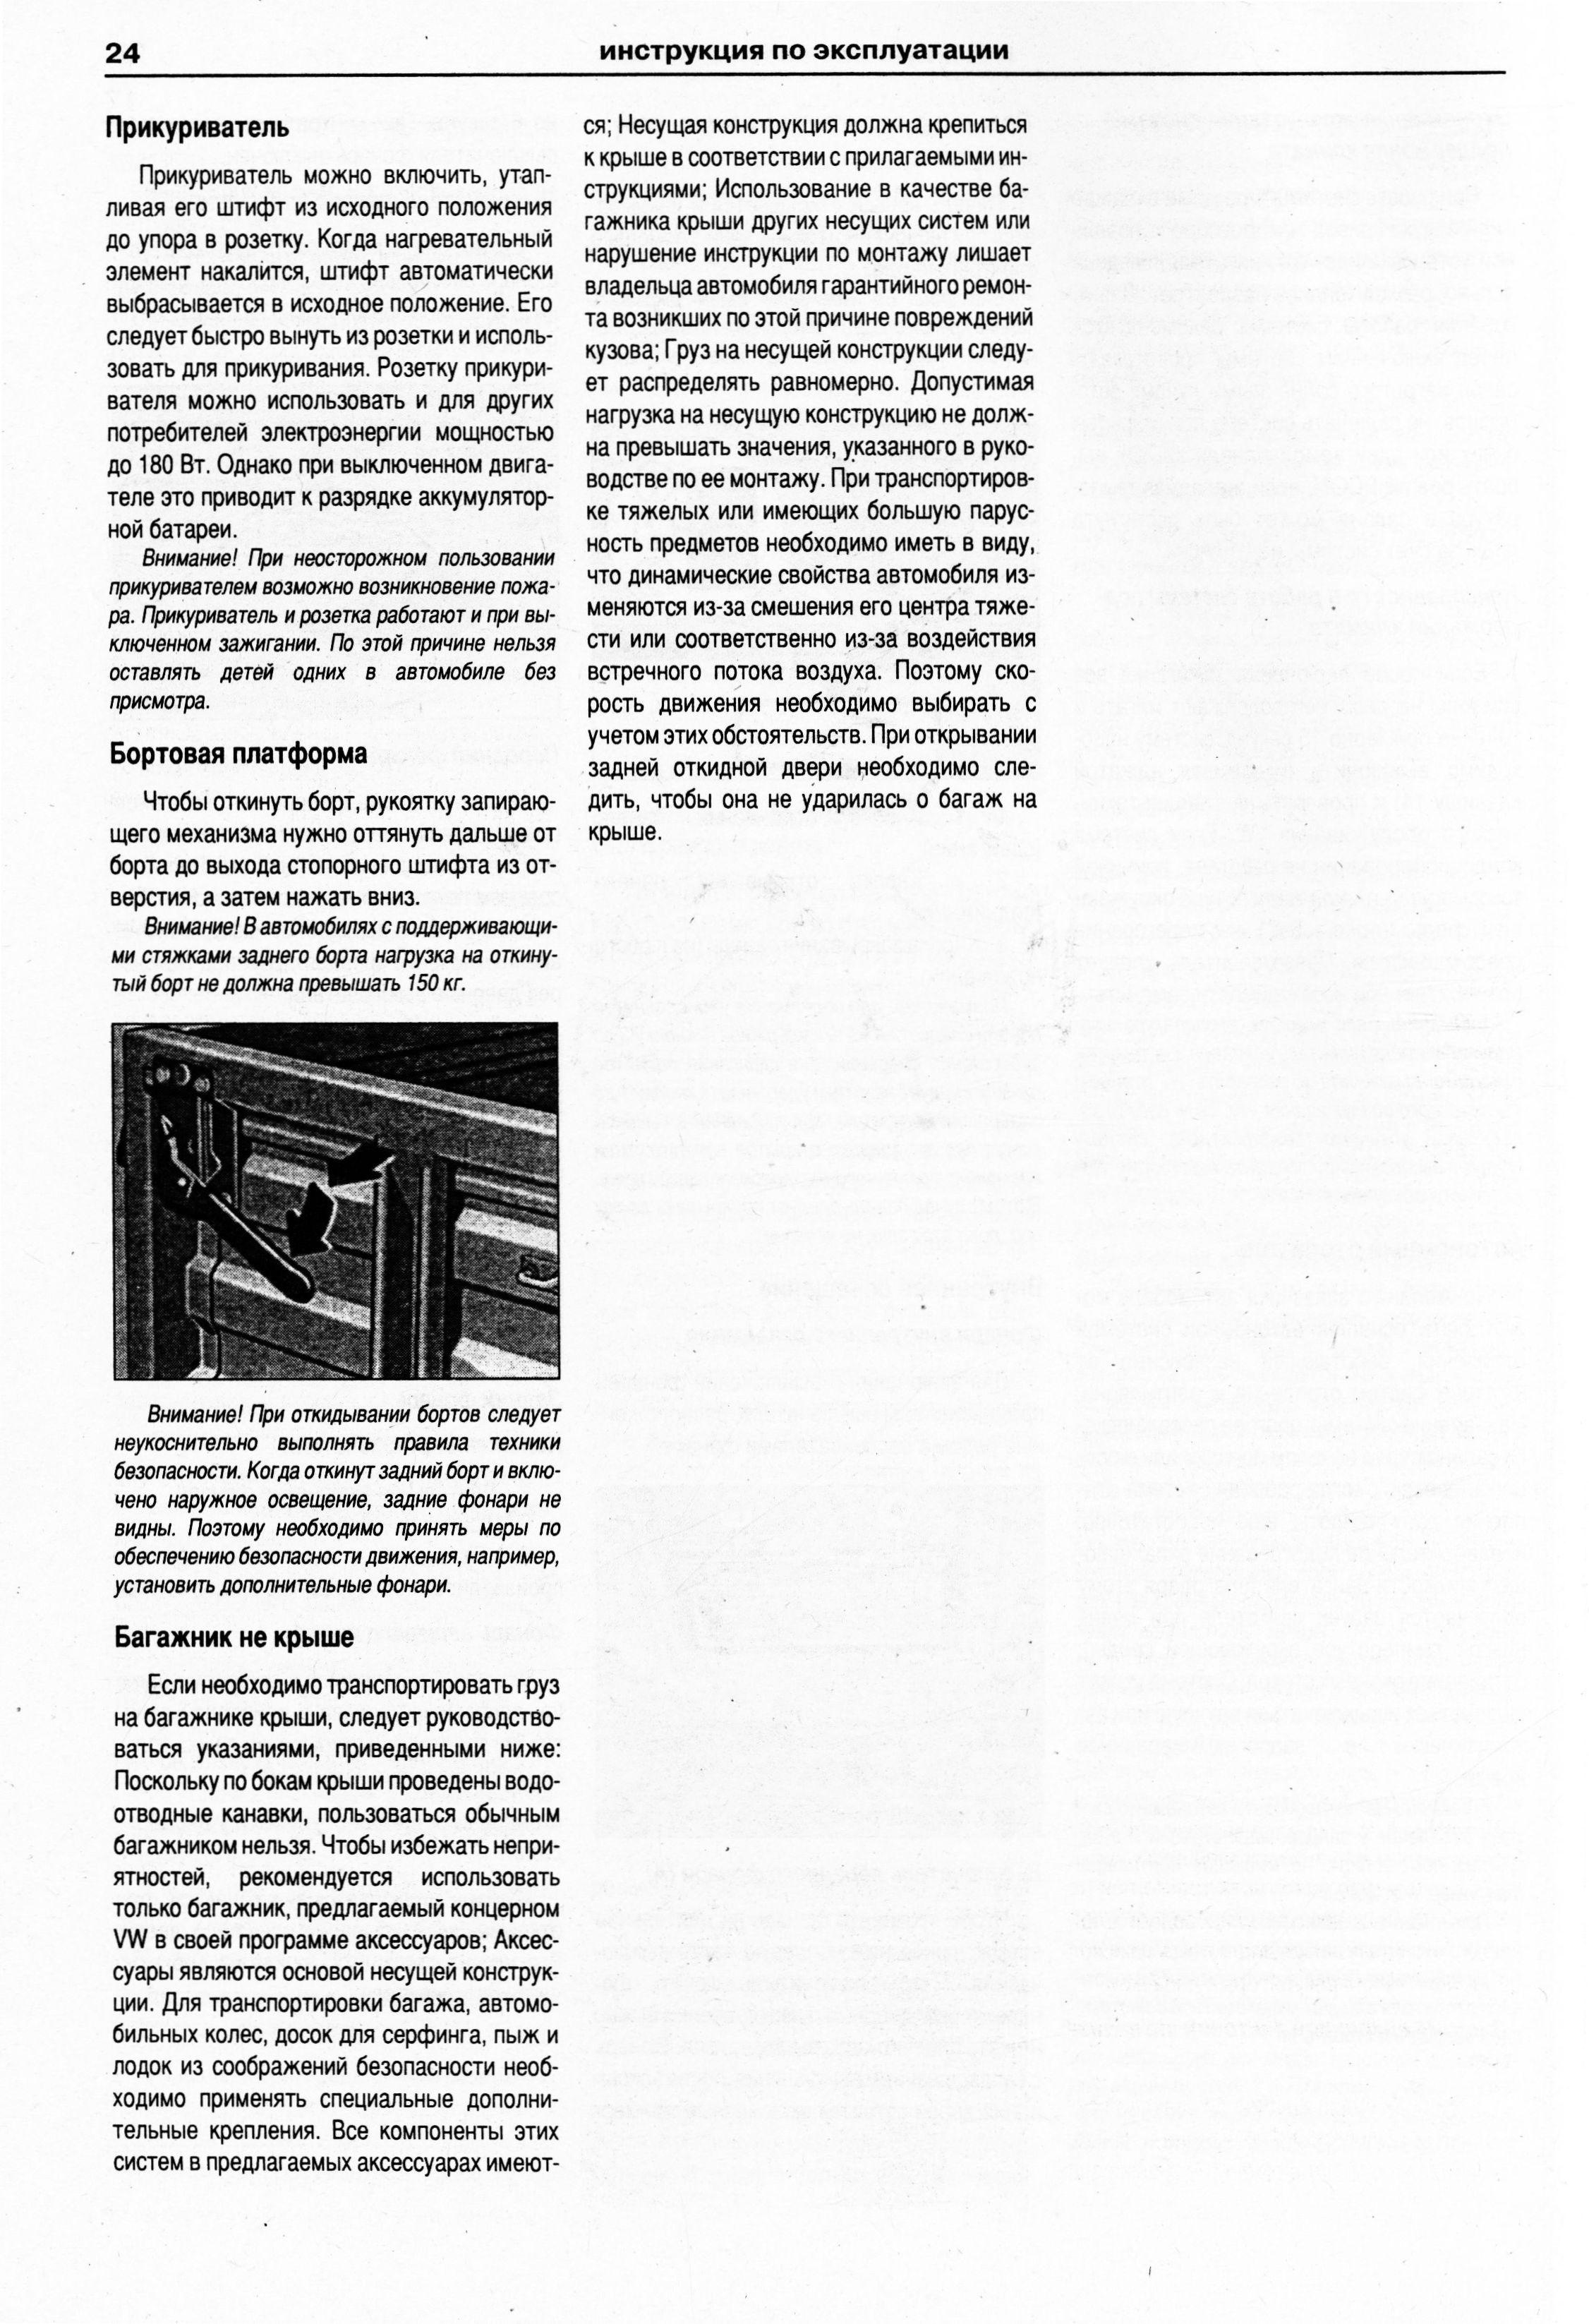 ремонт и обслуживание фольксваген т4